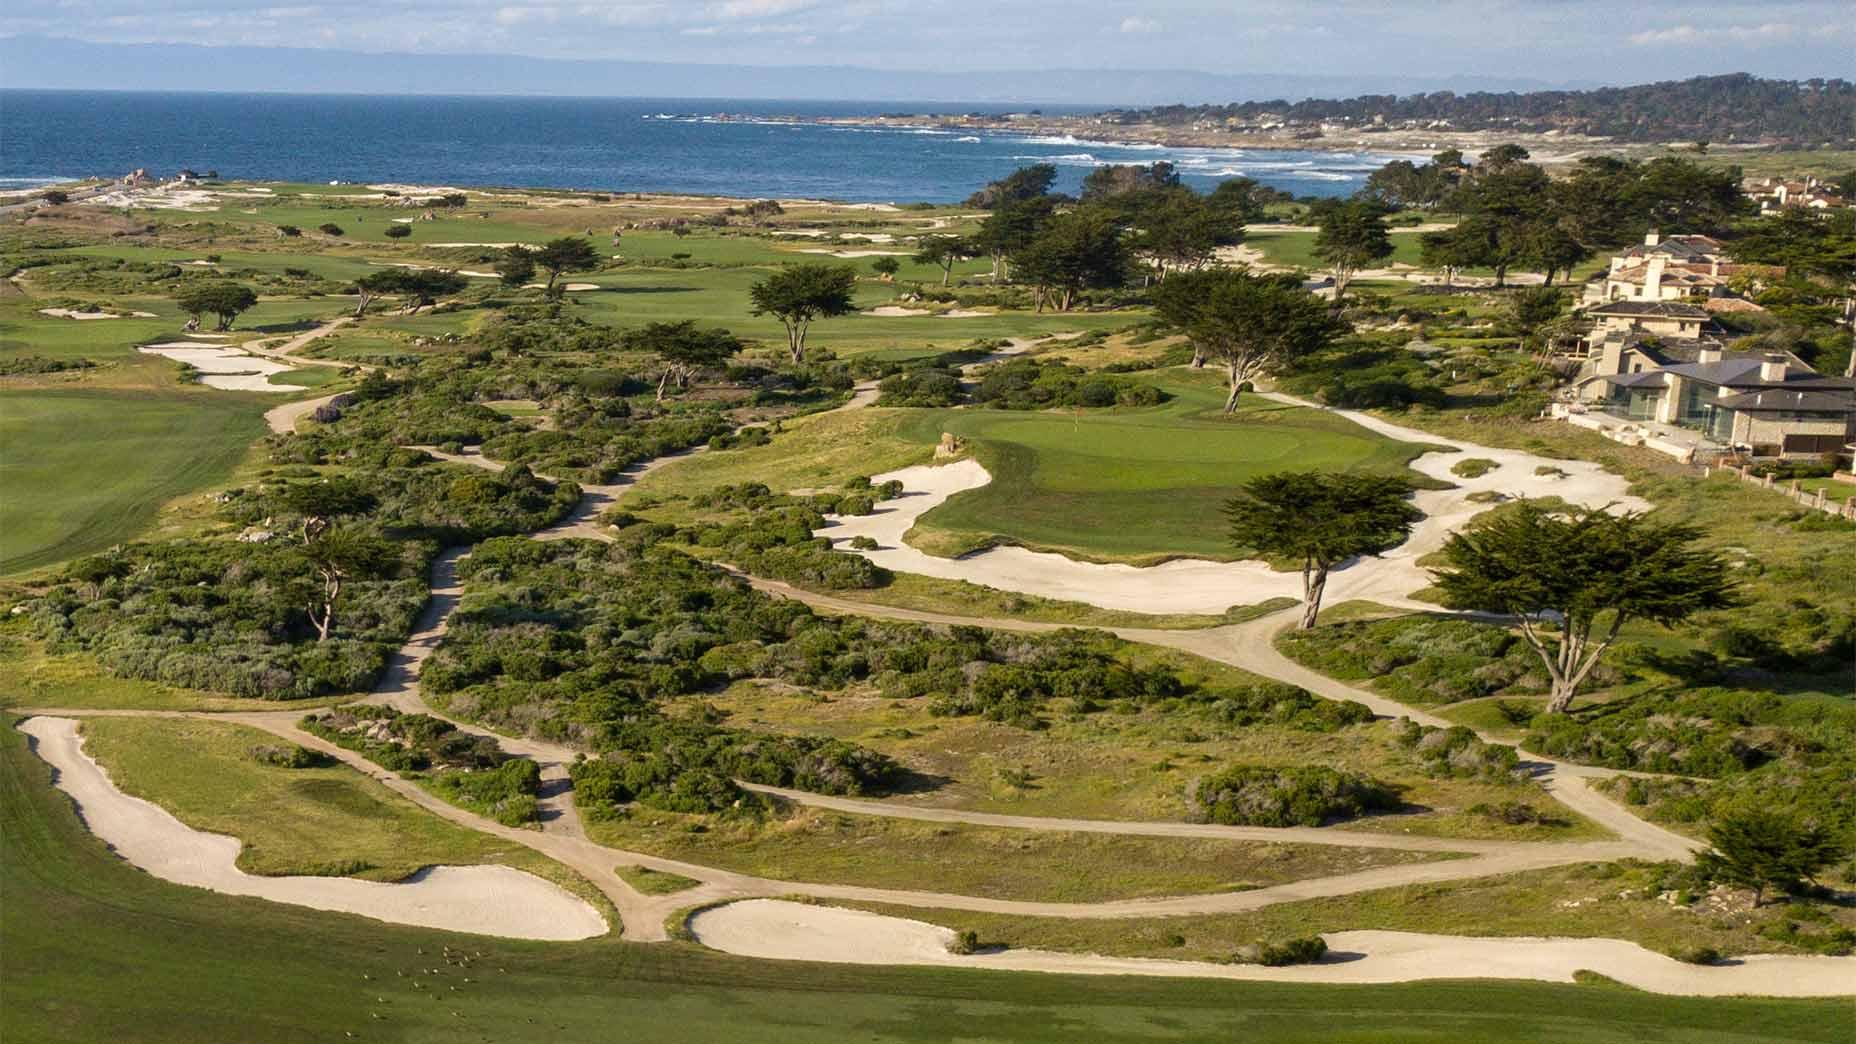 Monterey Peninsula Shore Course in Pebble Beach.